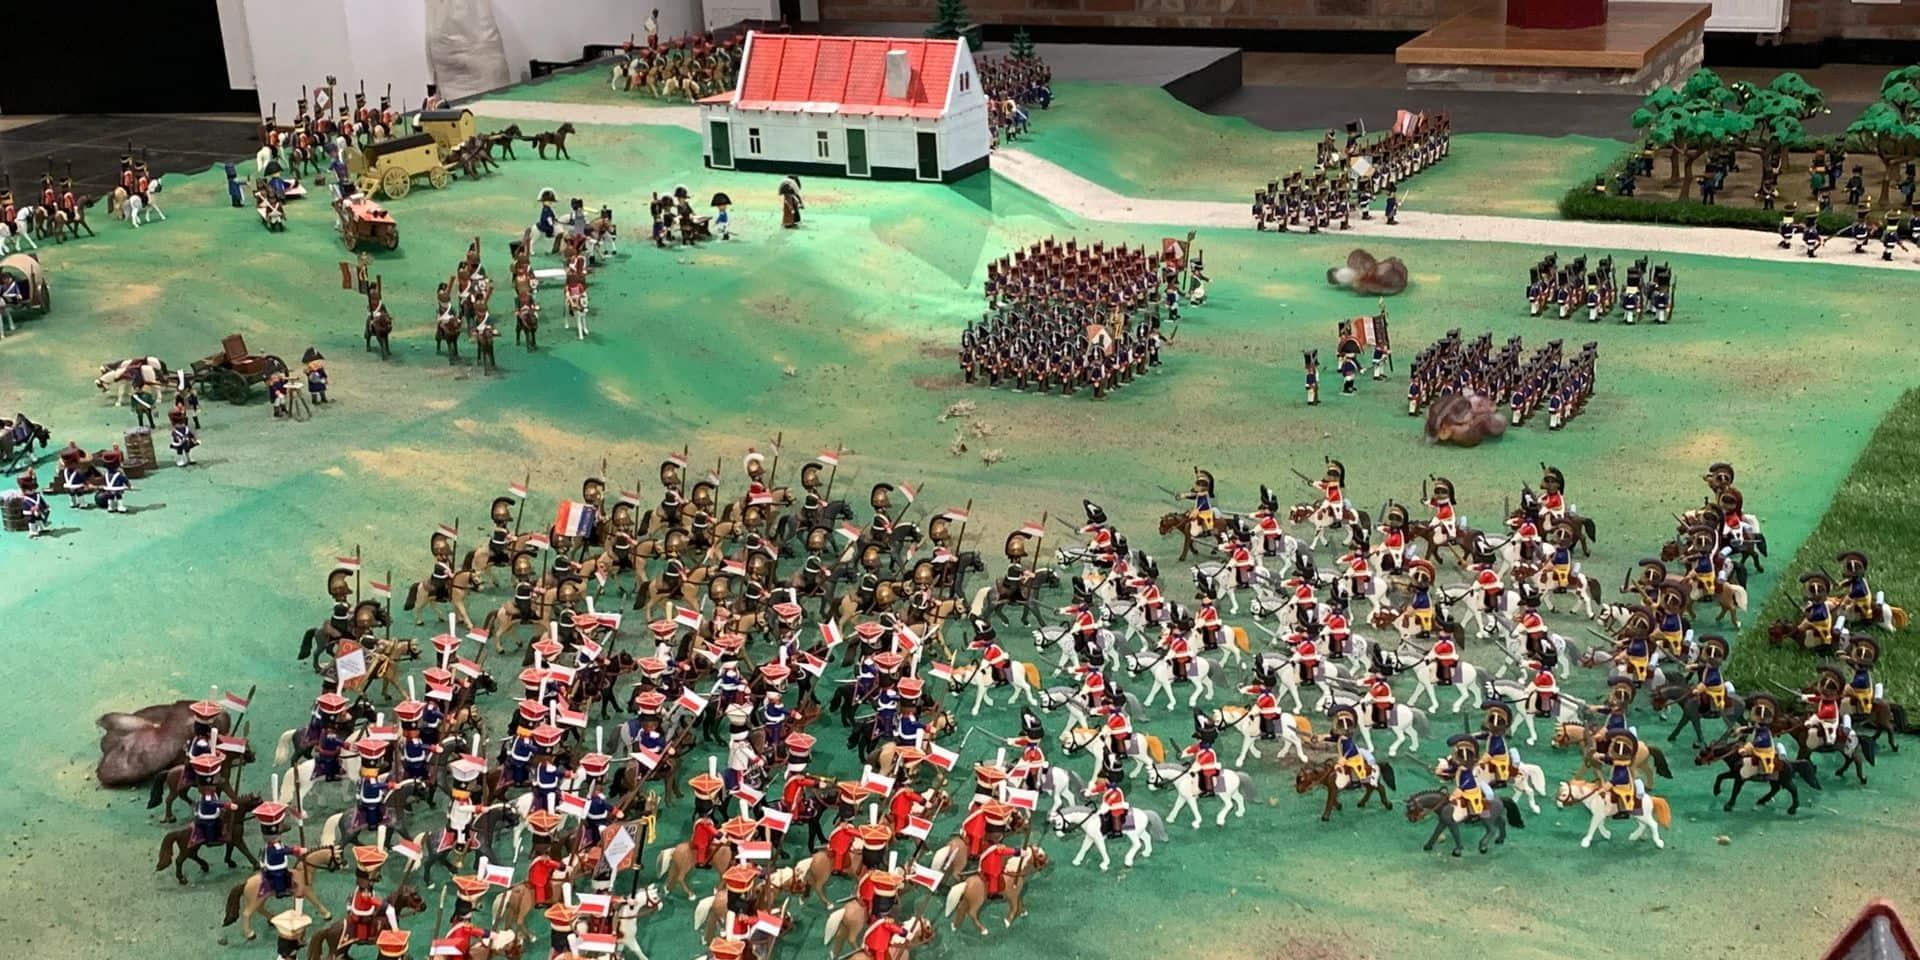 La vie de Napoléon et la bataille de Waterloo en Playmobil au musée Wellington